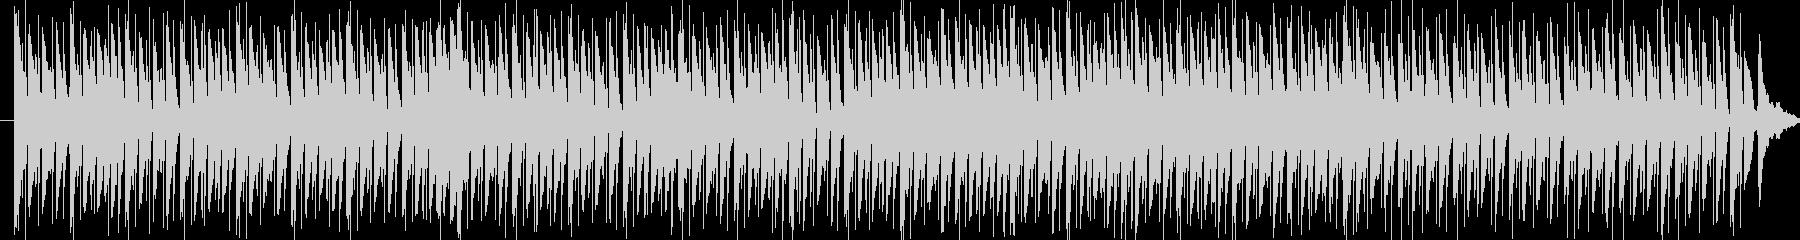 リズミカルでコミカルな行進曲の未再生の波形